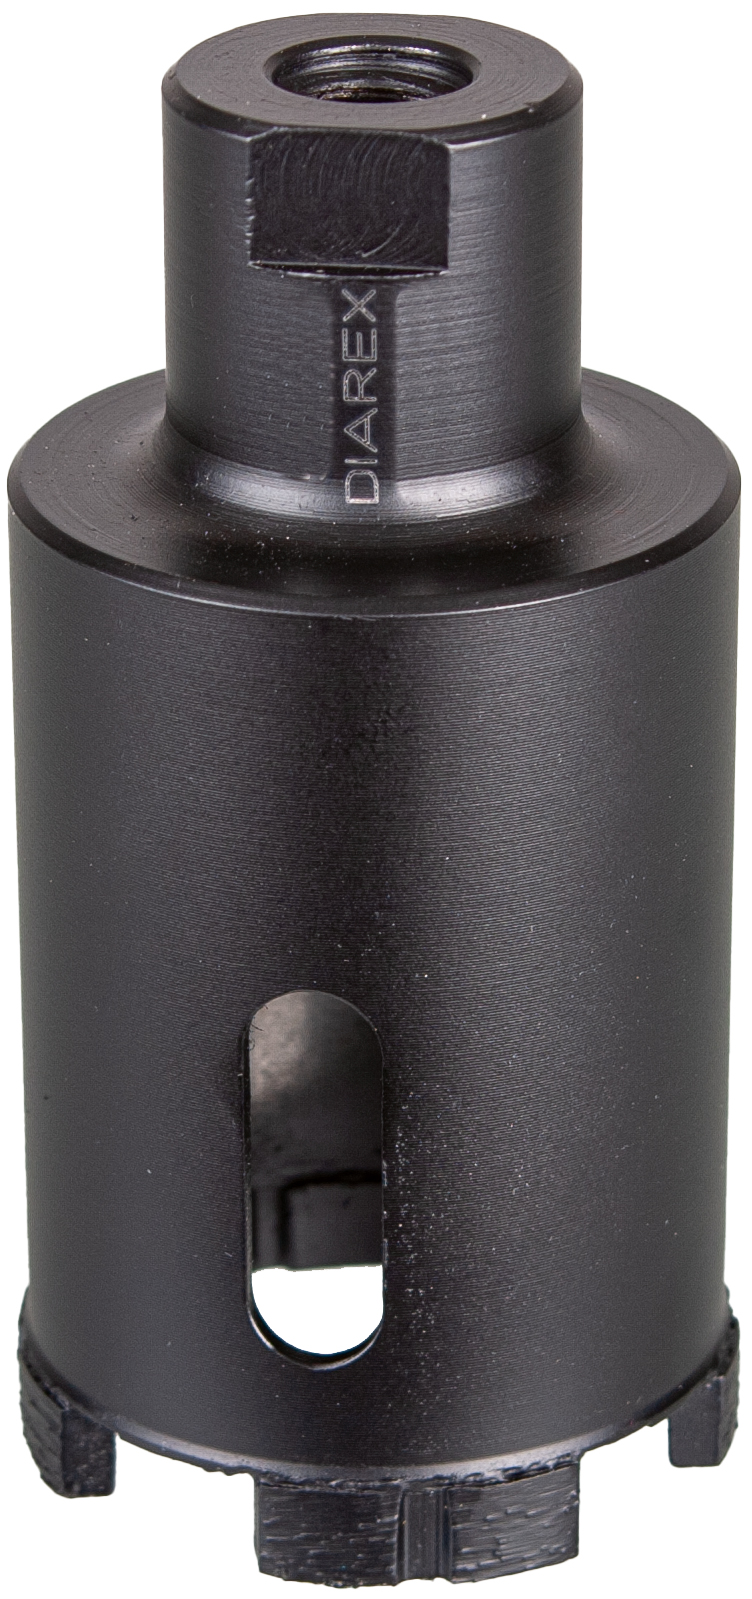 DIAREX Bohrkrone Extrem ø 45 mm   Bohrtiefe 70 mm   M14i